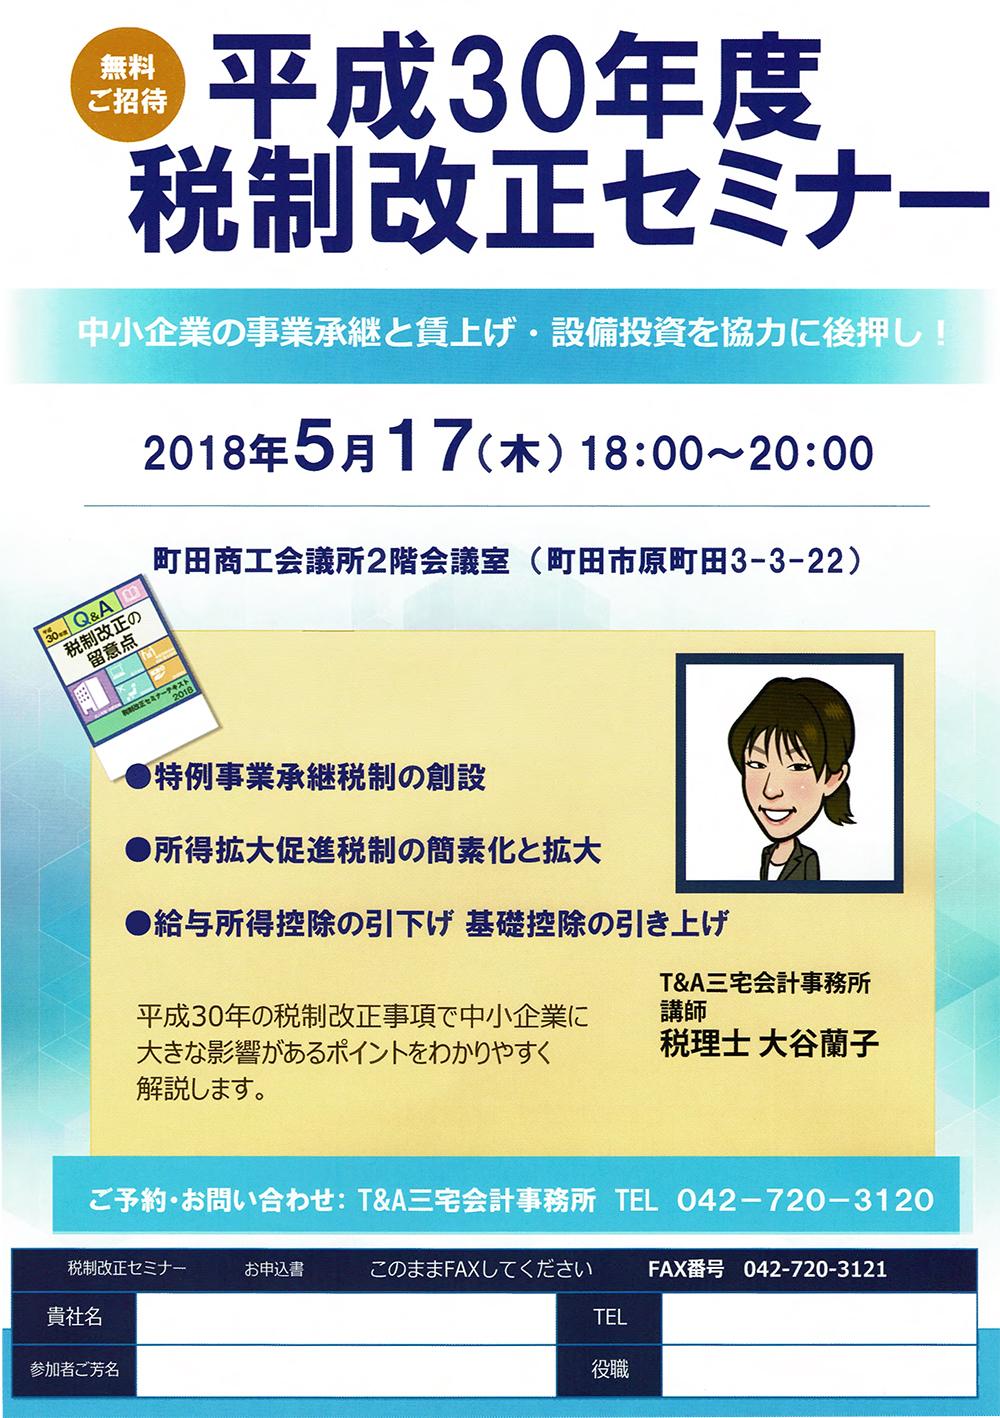 miyake_seminar2018-5.jpg